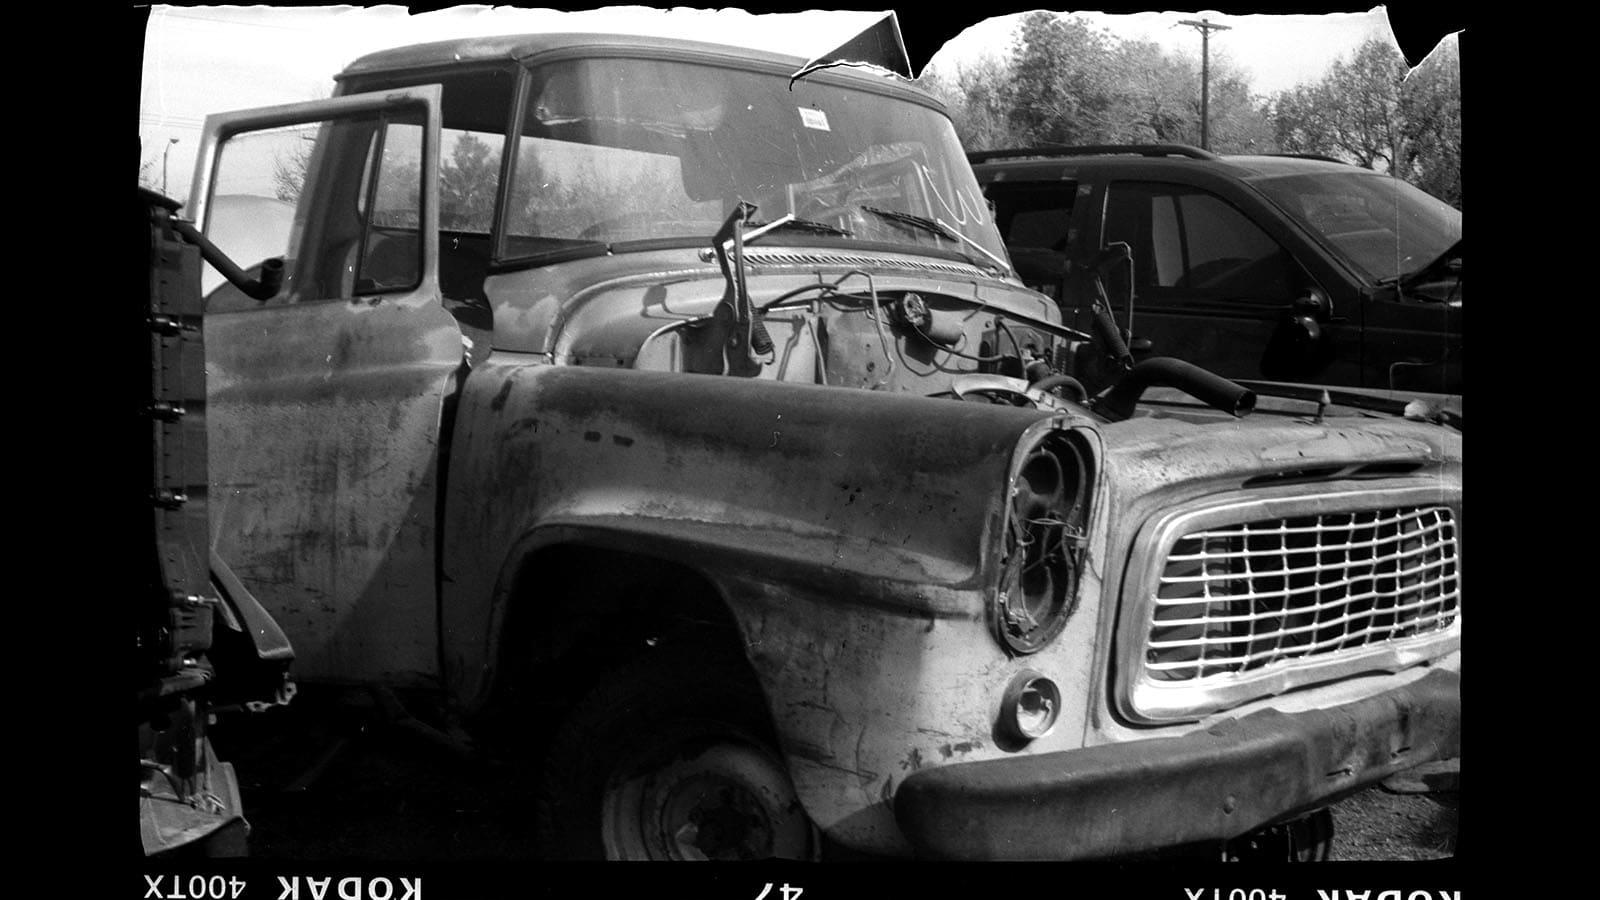 Junked 1959 International Harvester B-110 pickup